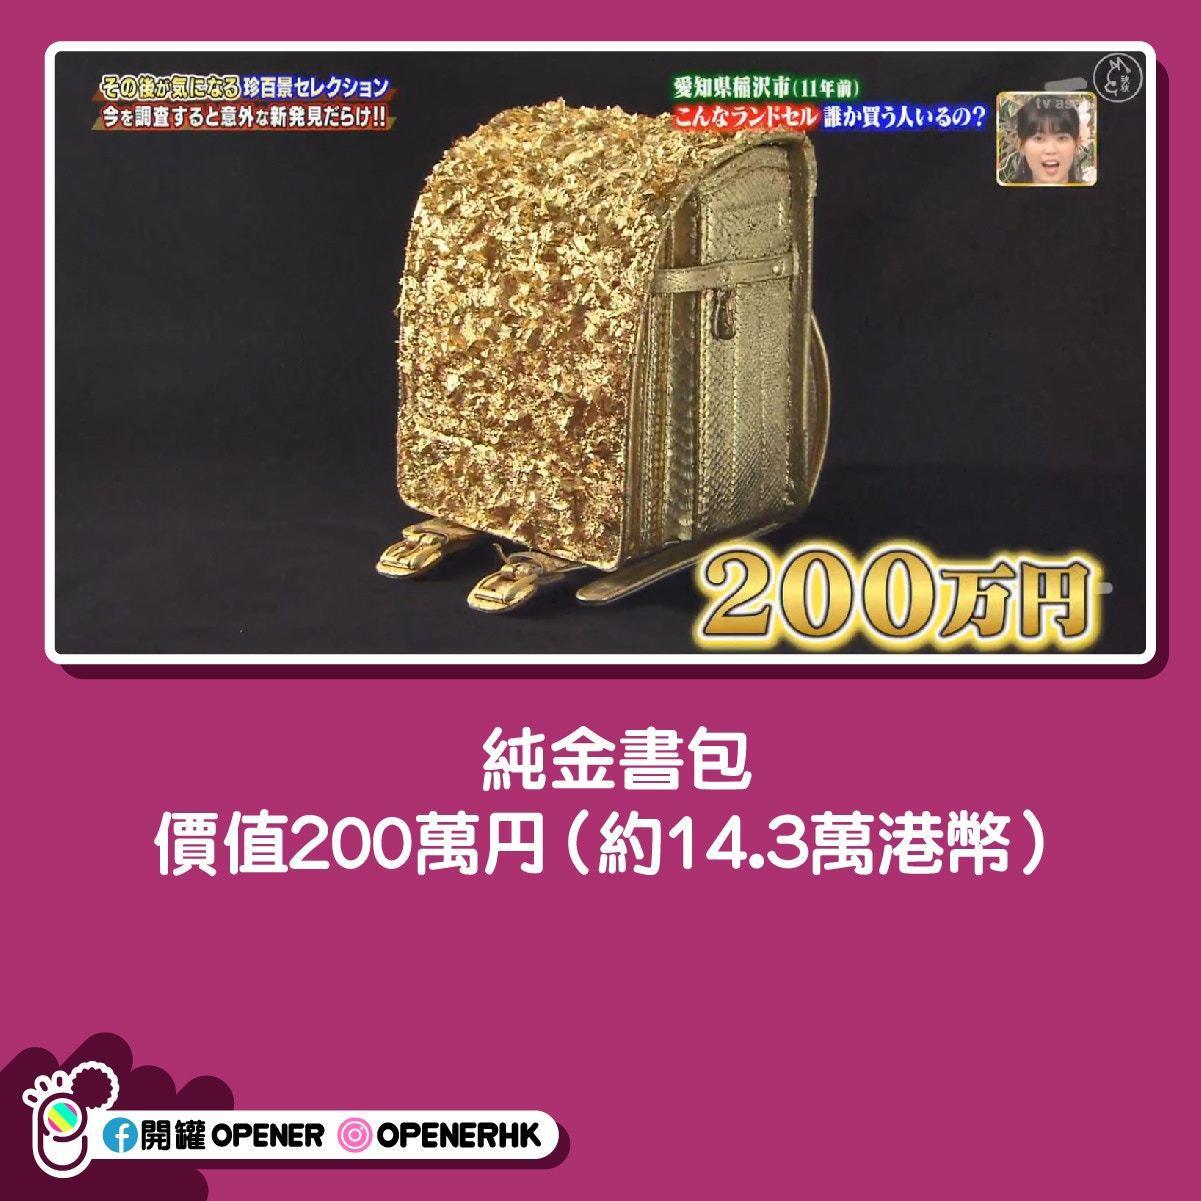 純金書包,約台幣58萬。 圖片提供/香港01